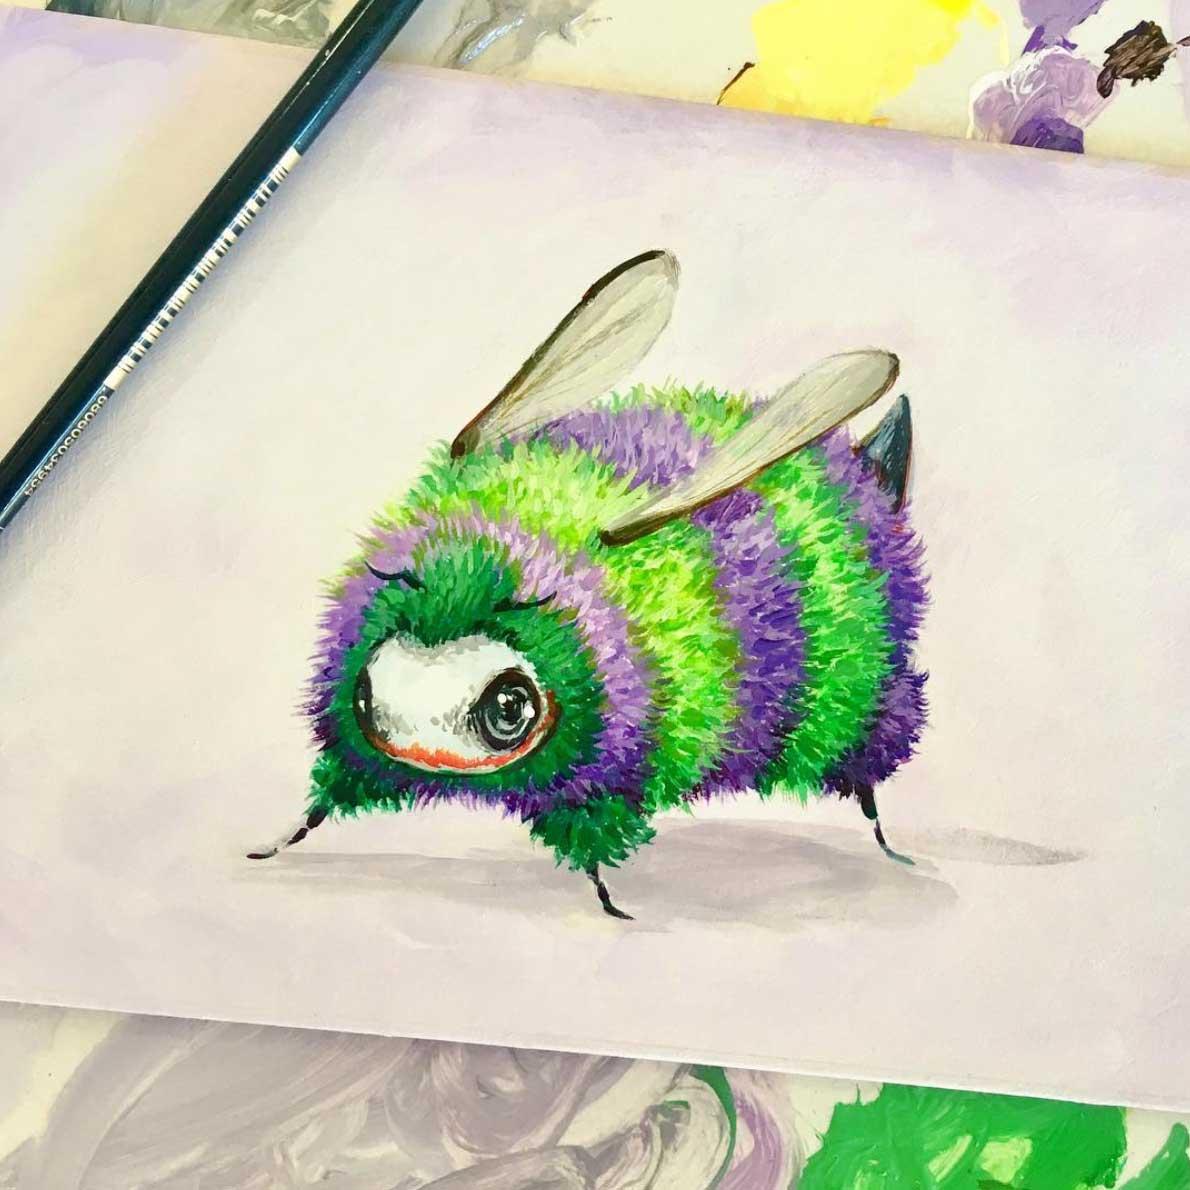 Als Bienen gemalte Popkulturfiguren